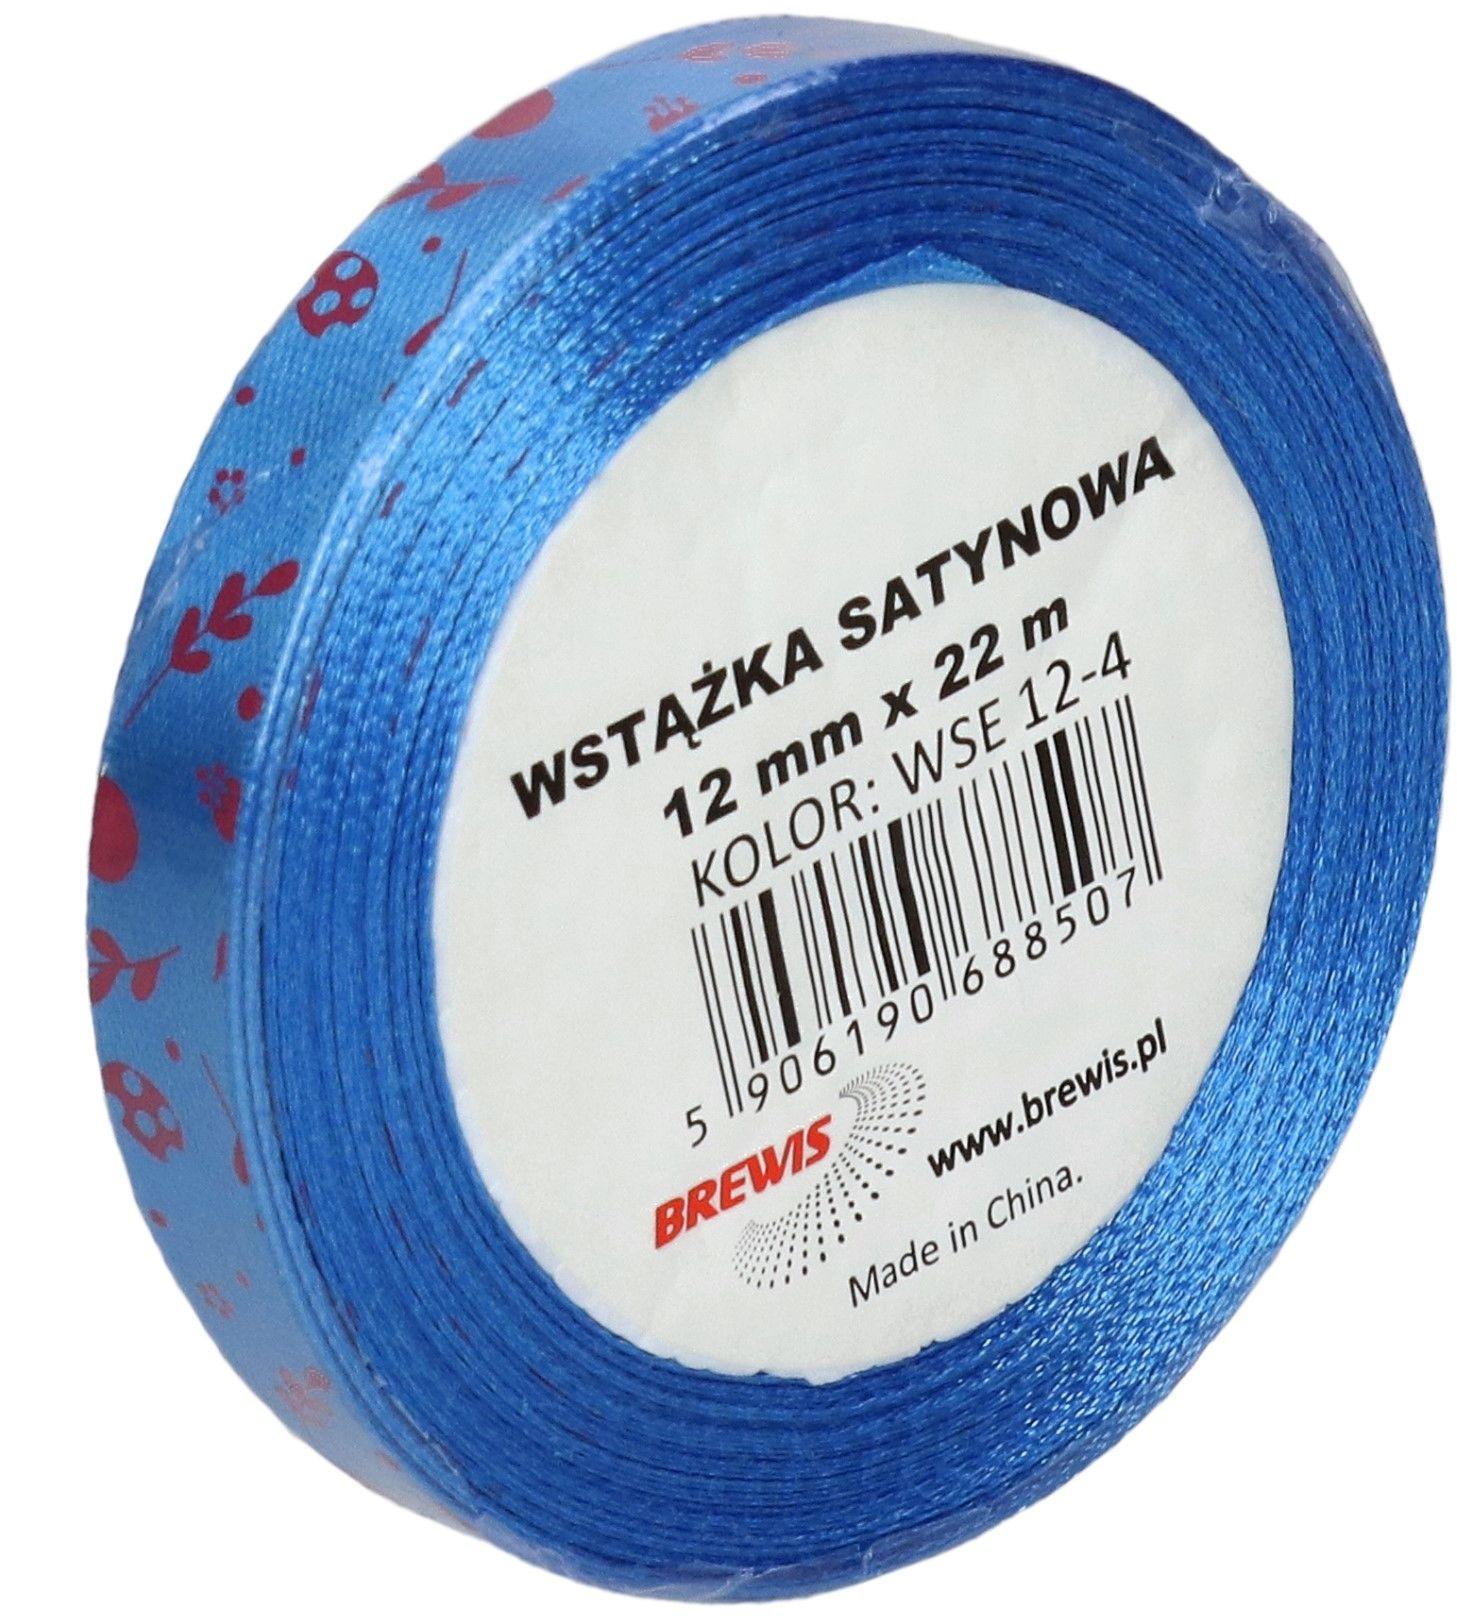 Wstążka satynowa 12mm niebieska wielkanoc Brewis WSE12-4